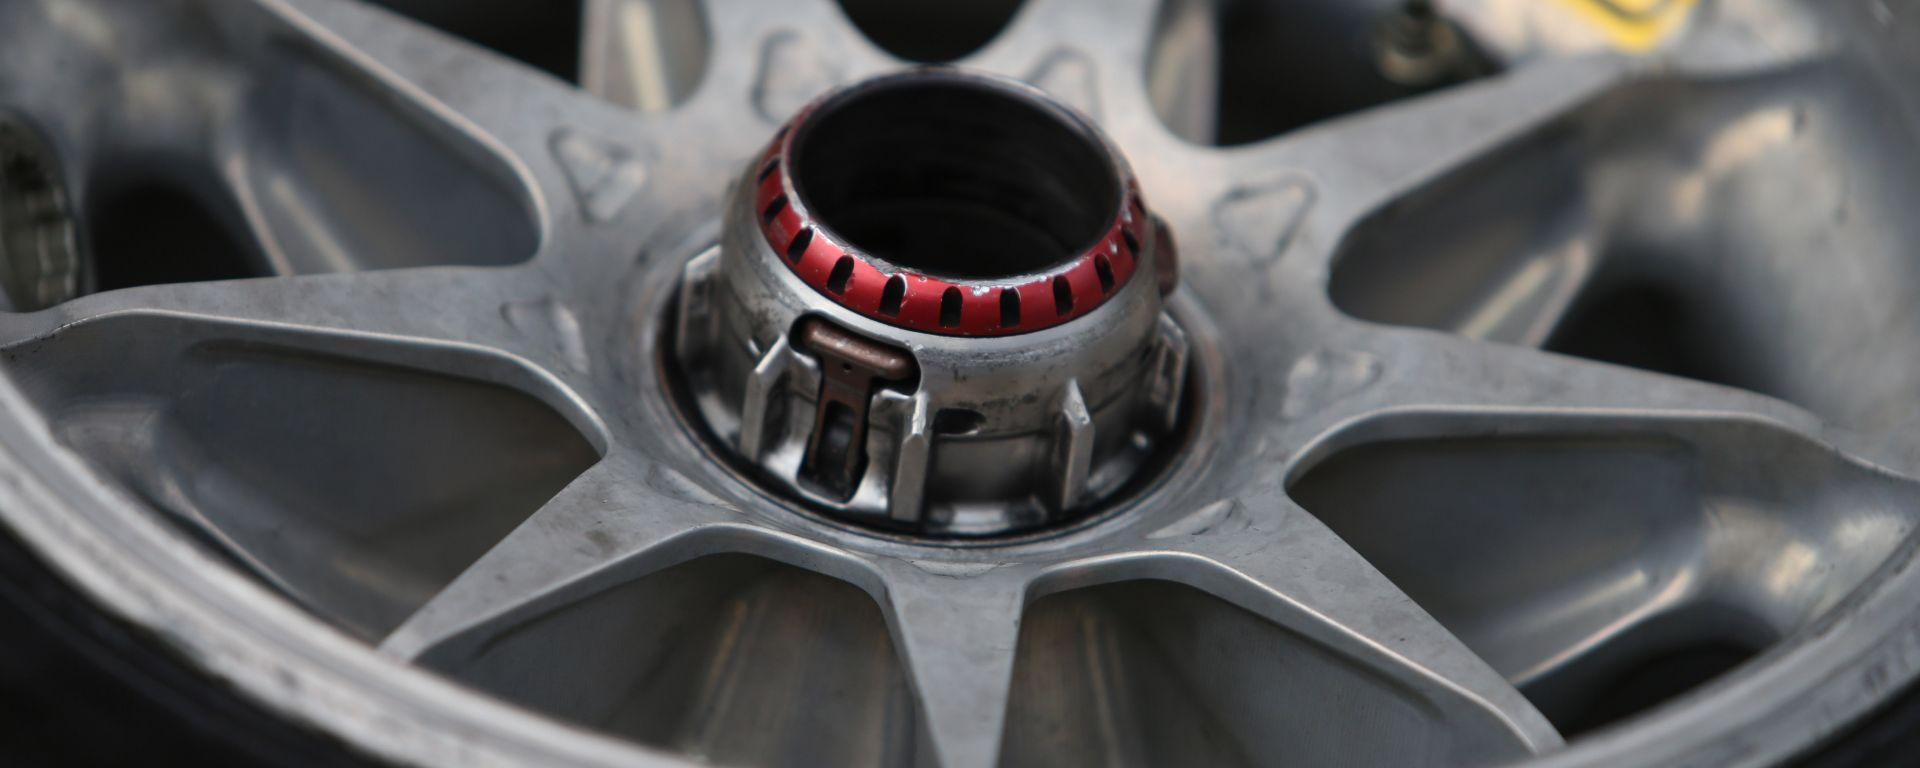 F1 2019: particolare cerchio OZ e gomma Pirelli